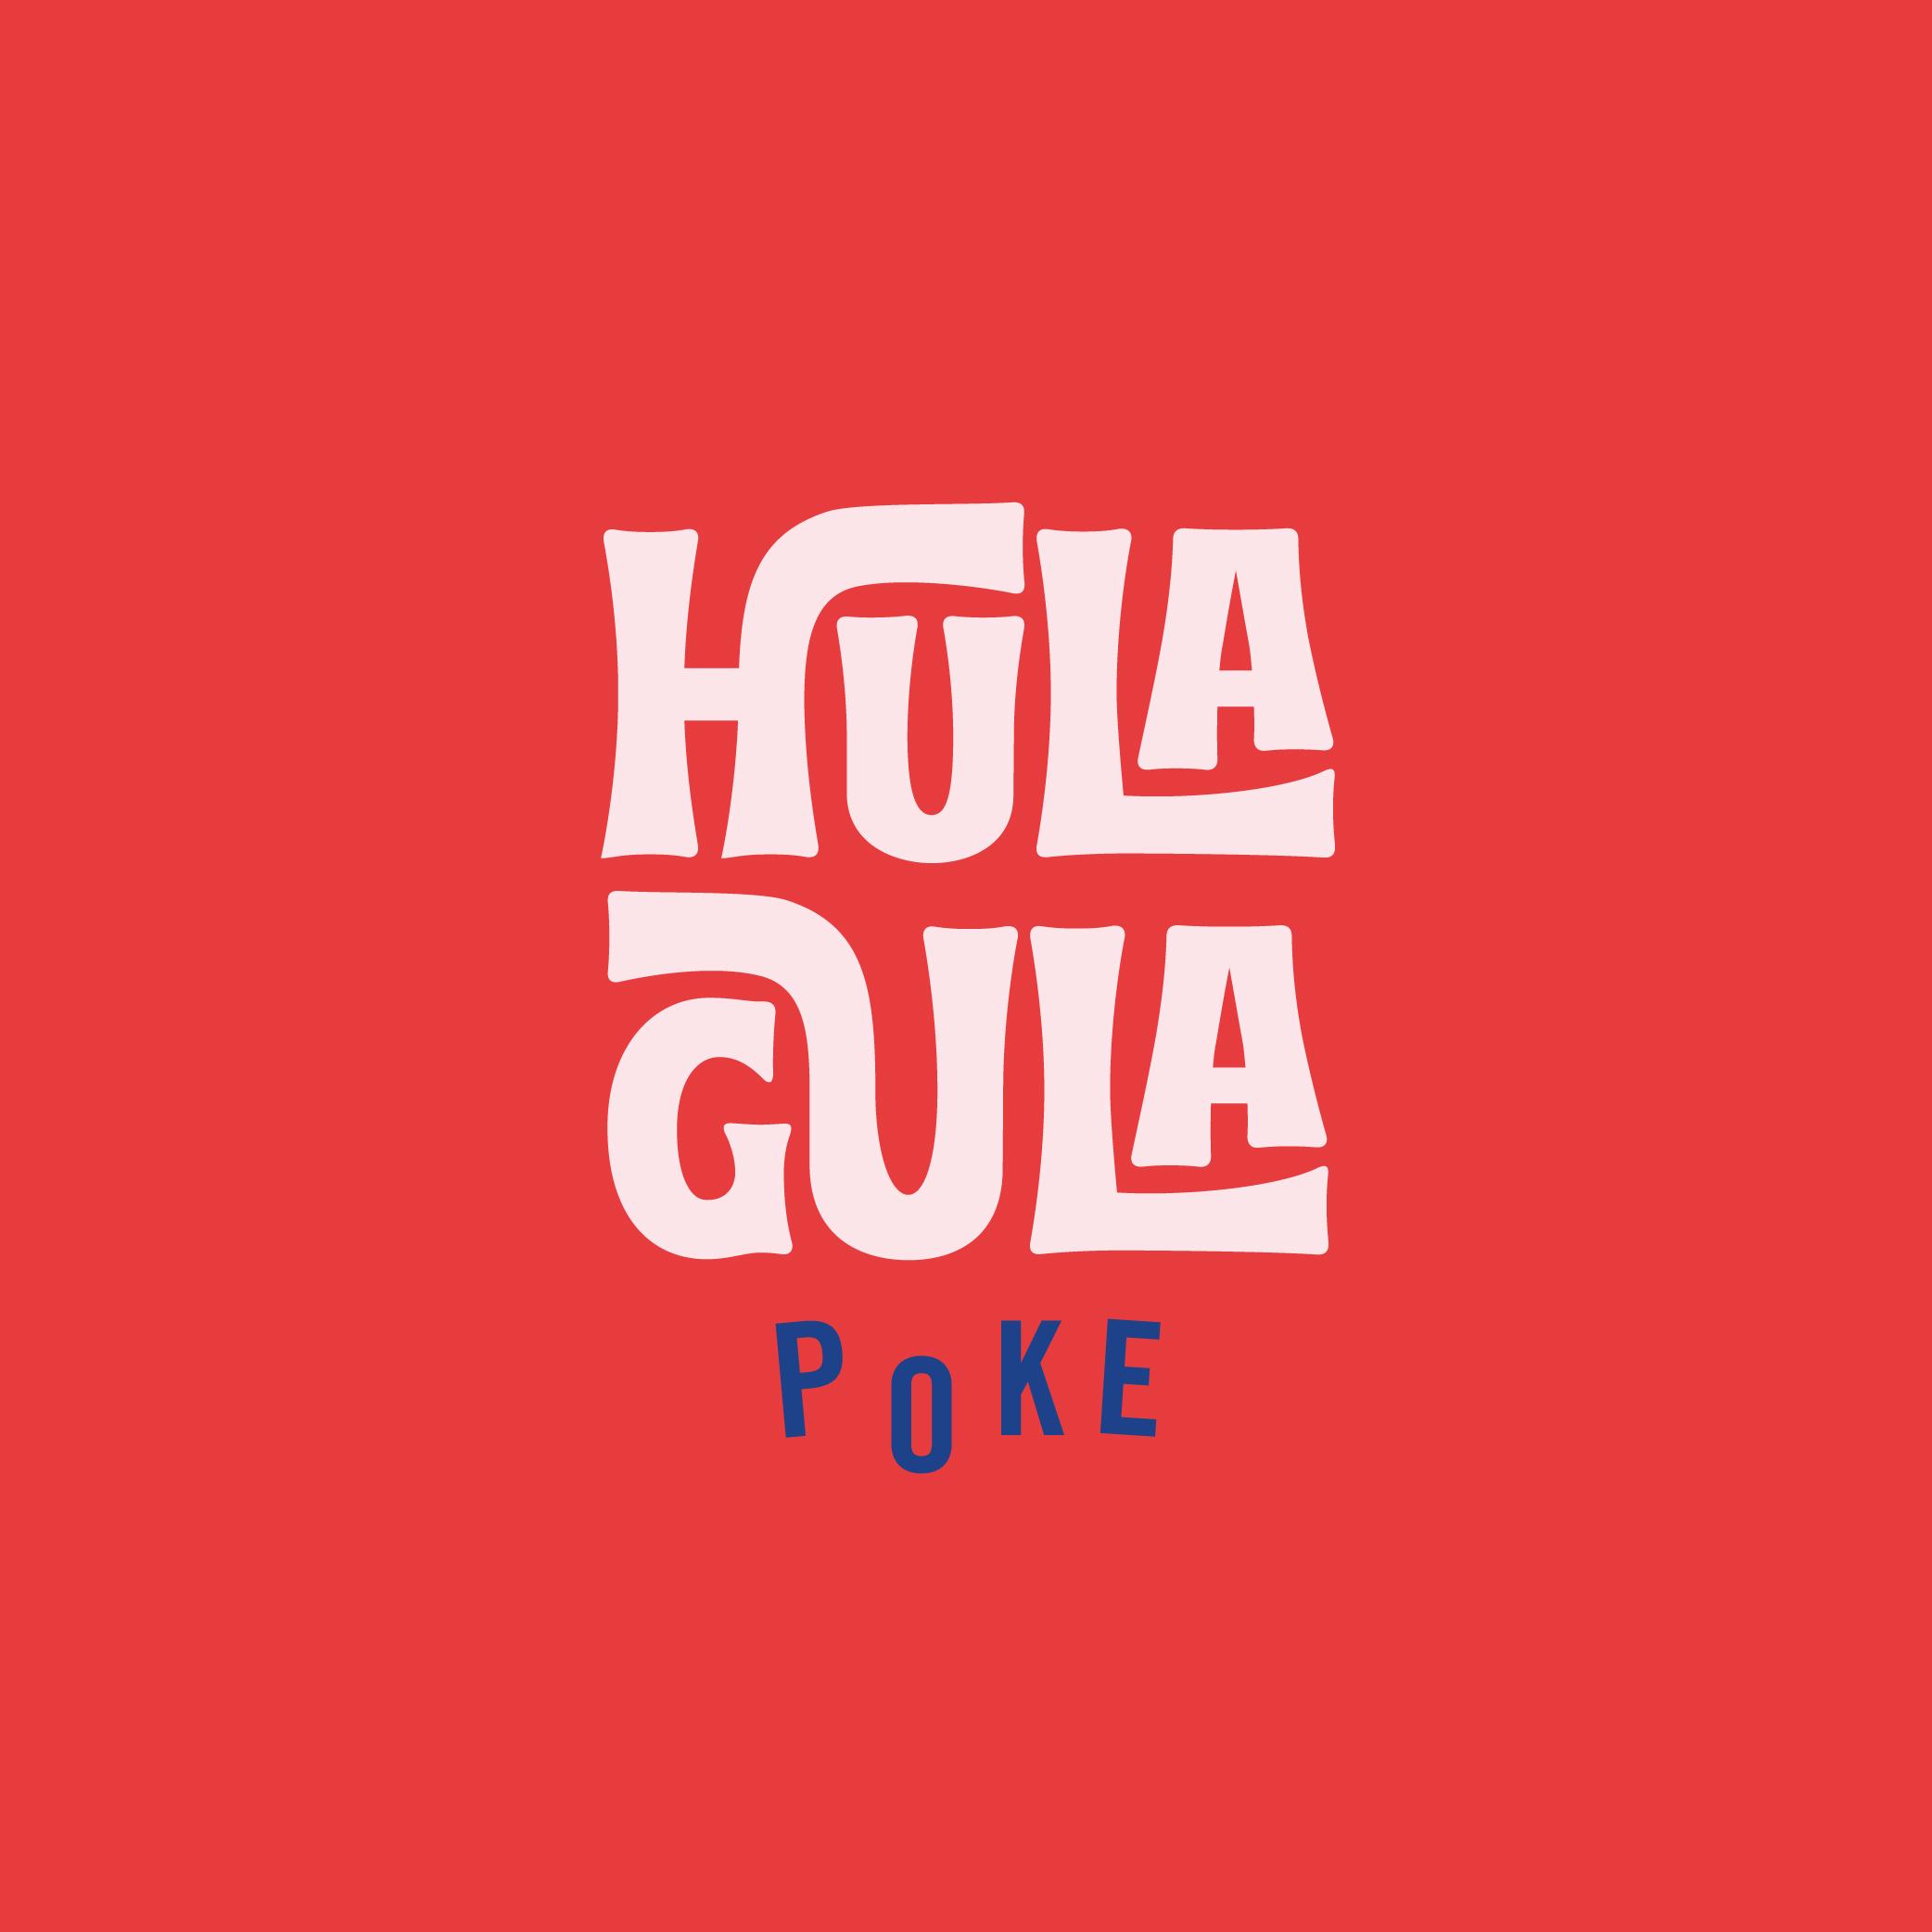 Hula Gula